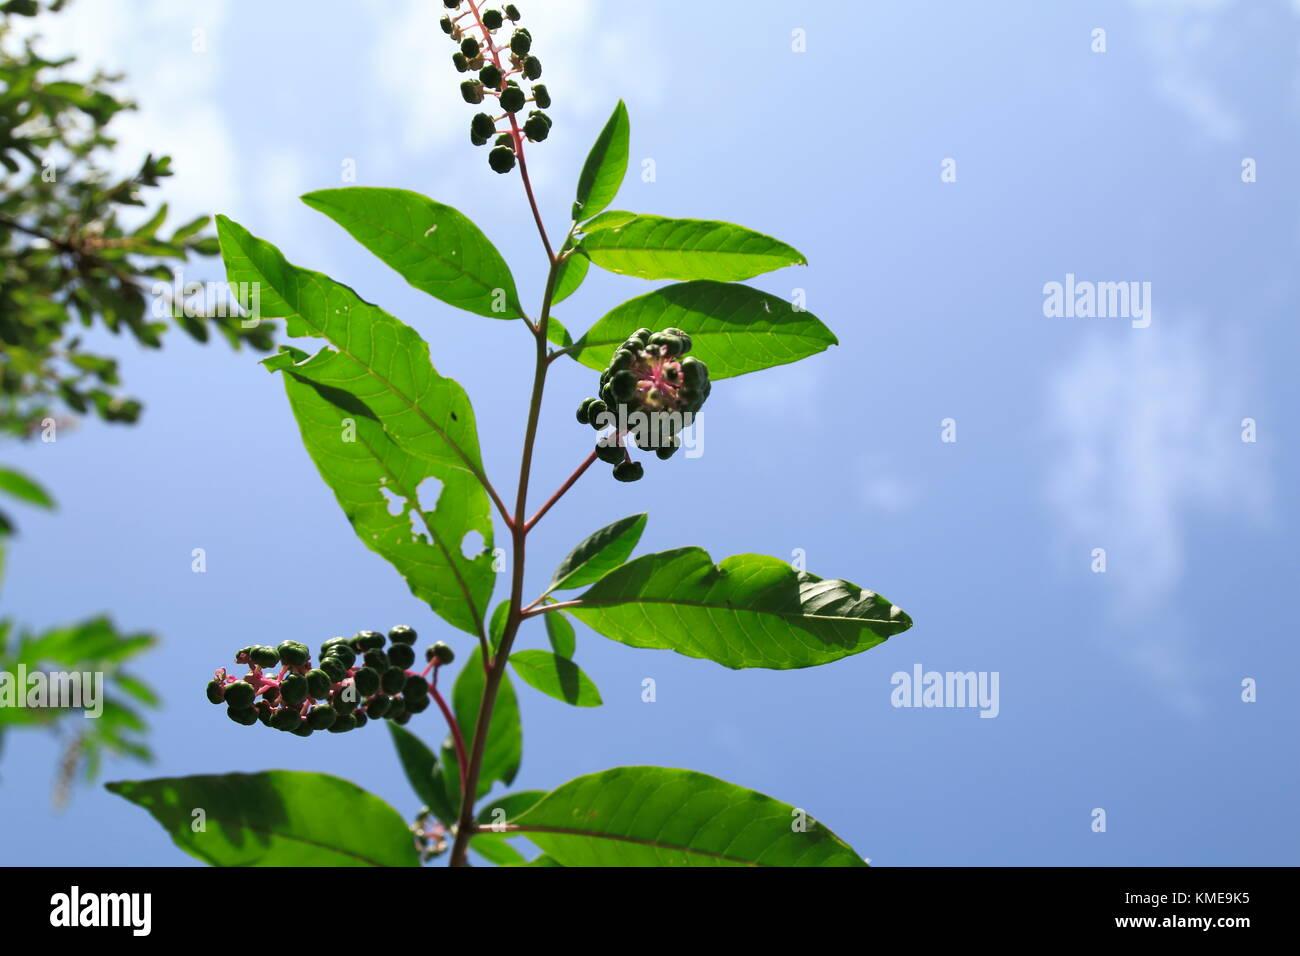 Kermesbeere mit blau schwarz farbenen Beeren - Stock Image